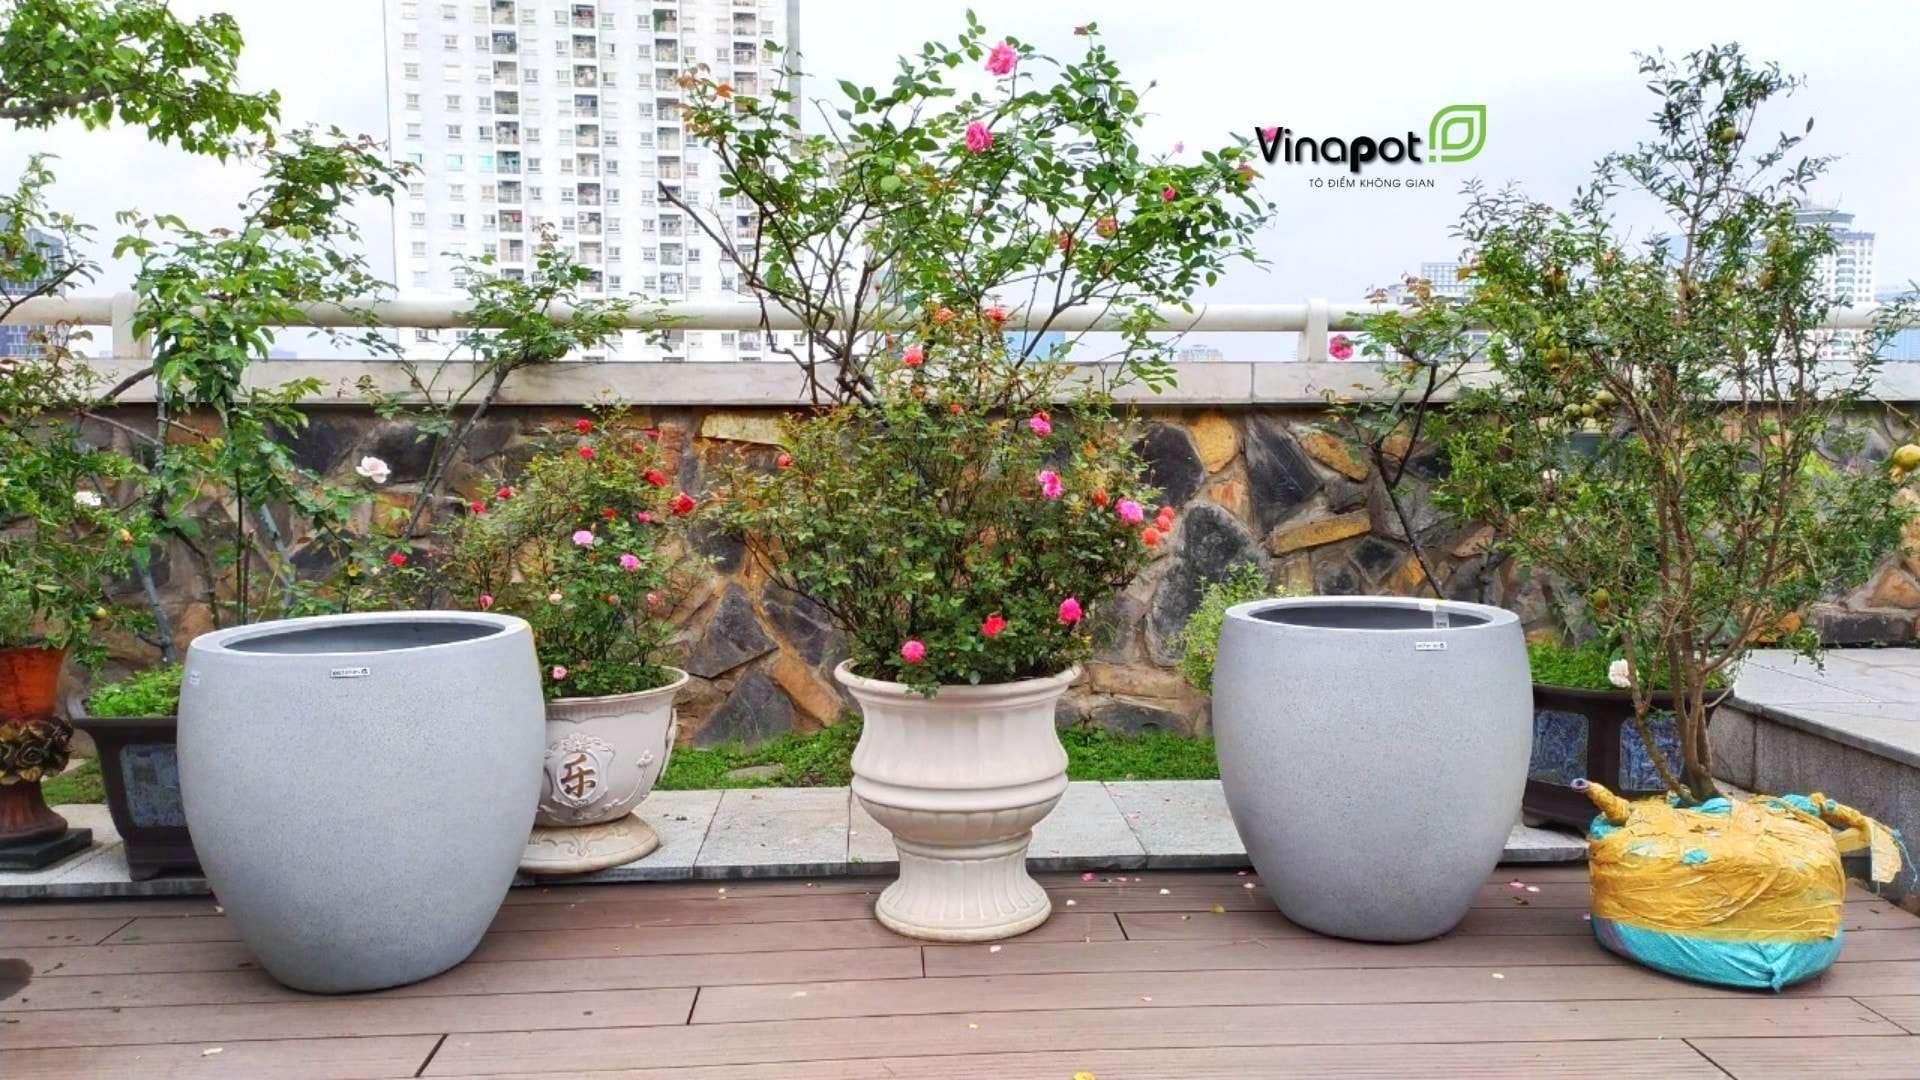 Chậu cây cao cấp Vinapot phù hợp với không gian xanh gia đình